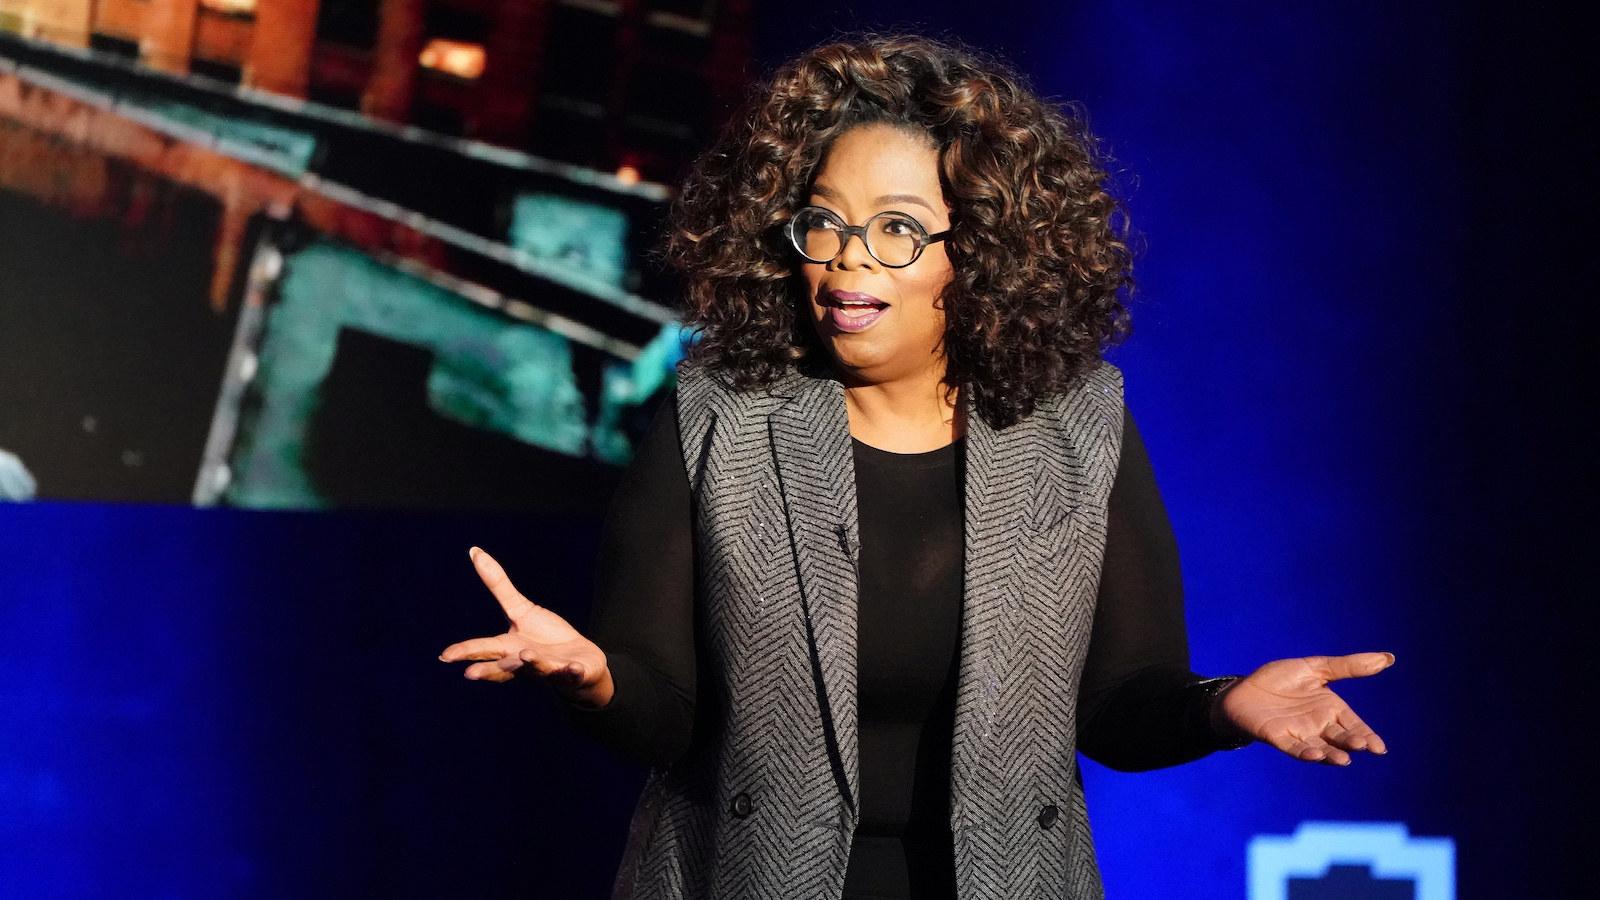 Oprah's Fall Is A Metaphor